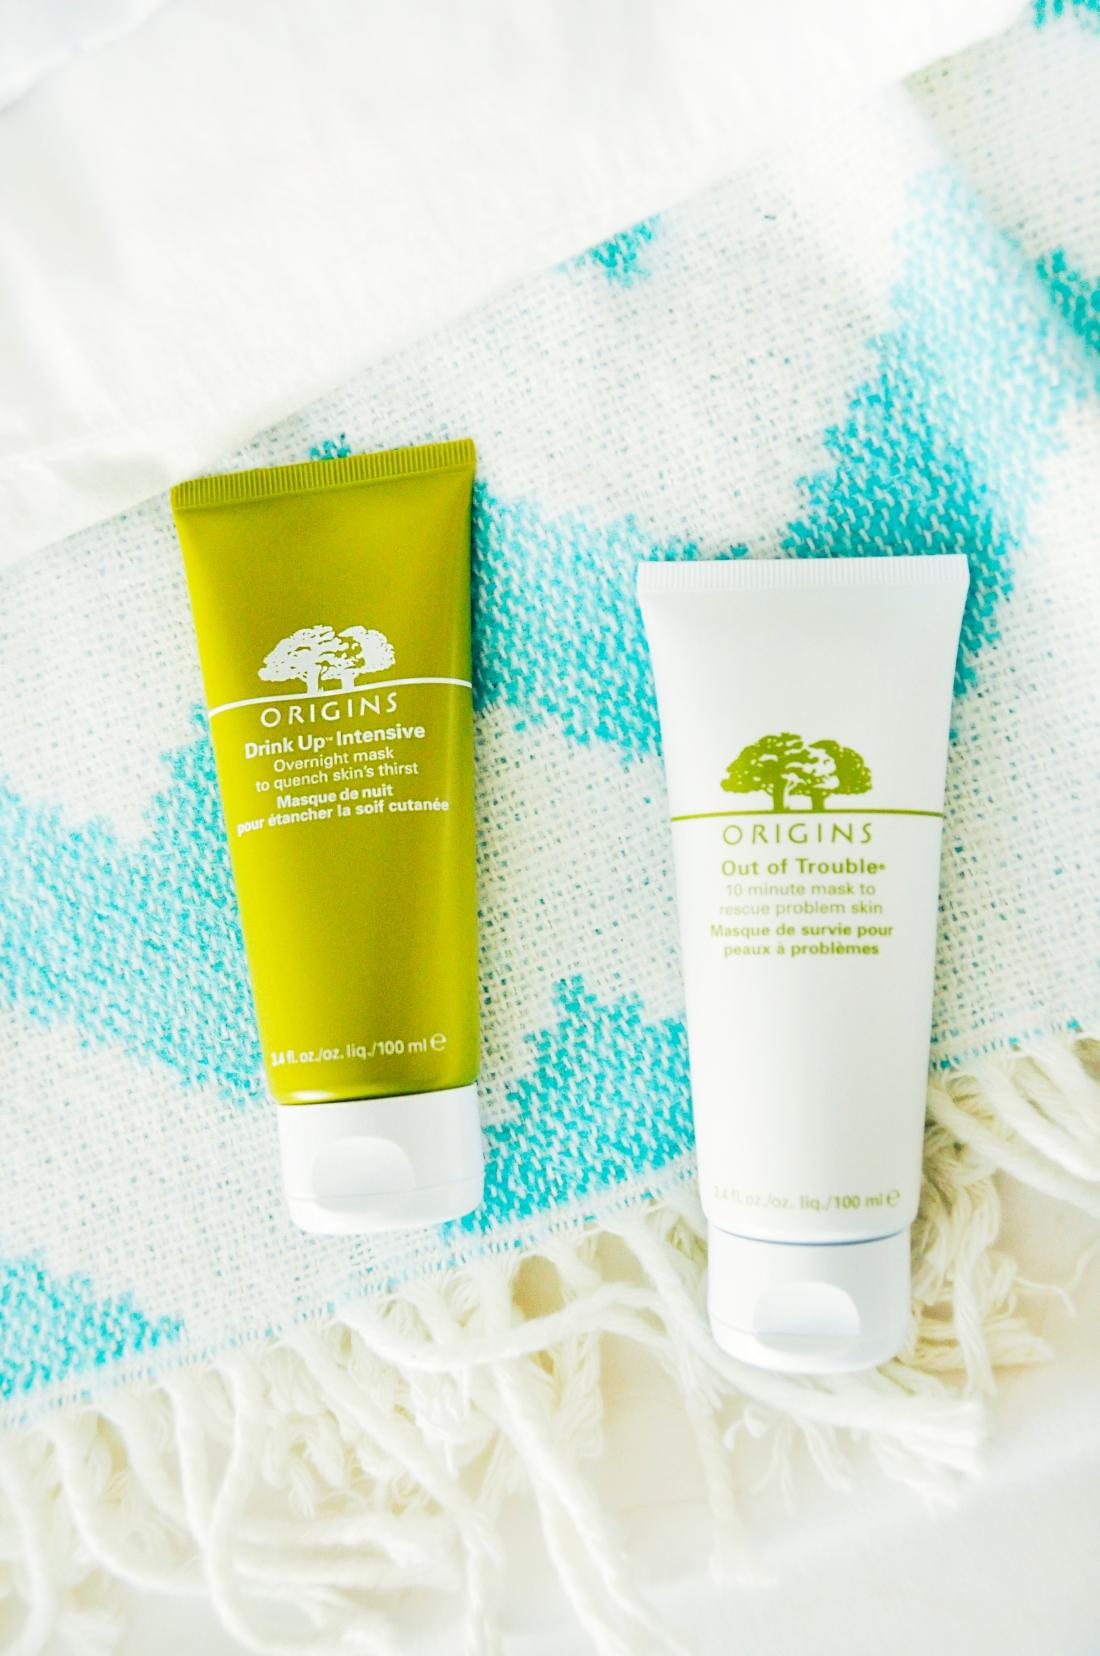 Origins Skin Care unboxing